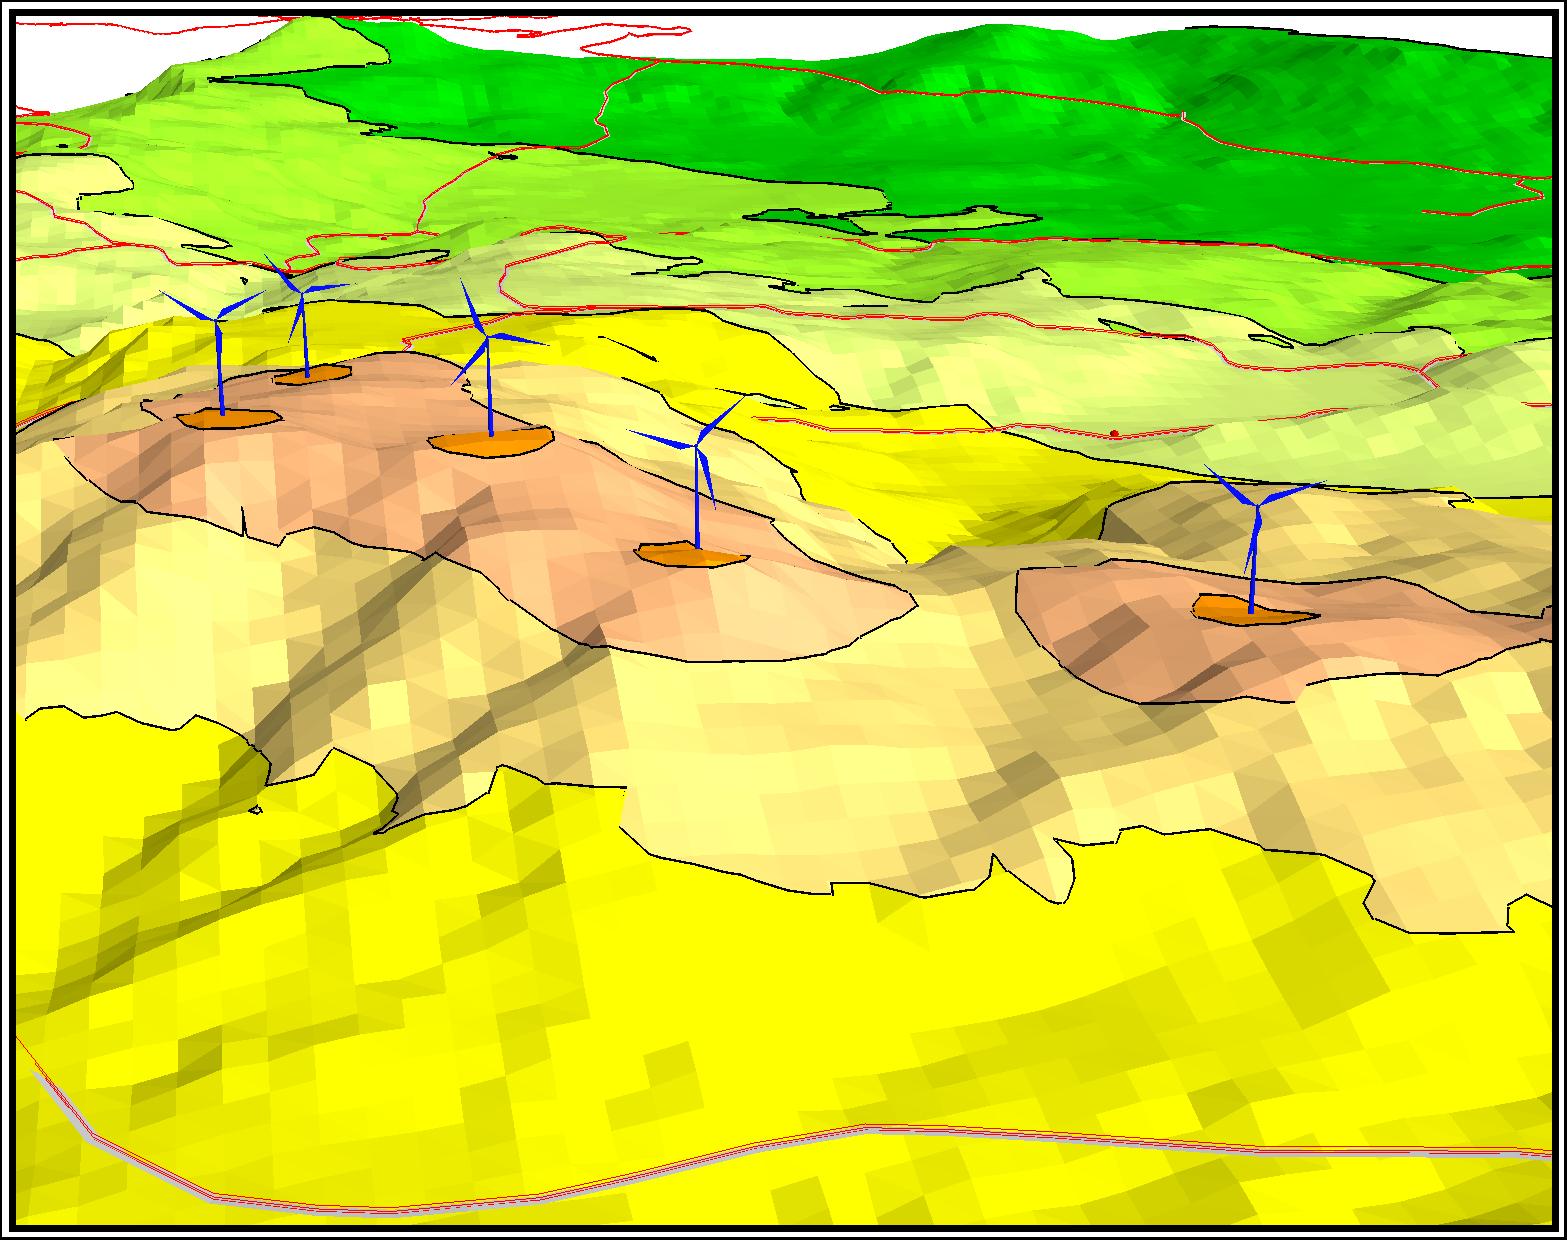 Wind_Turbine_Noise_Model.png